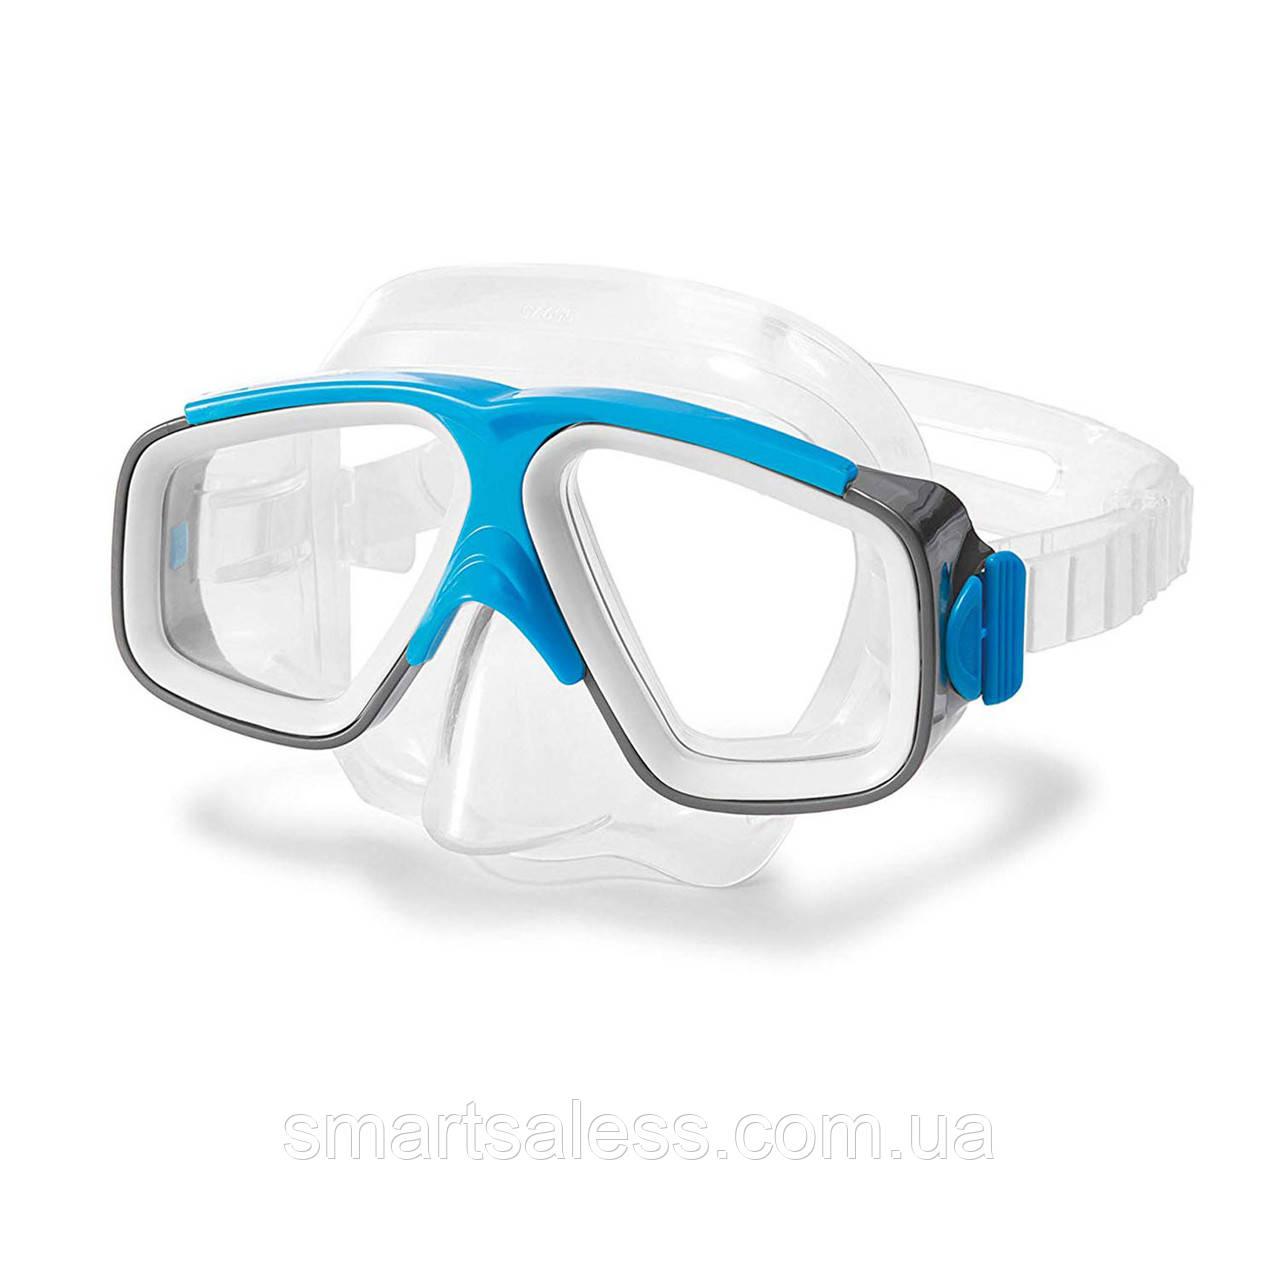 Маска для плавання Intex 55975, розмір L, (8+), обхват голови ≈ 54 см, блакитна